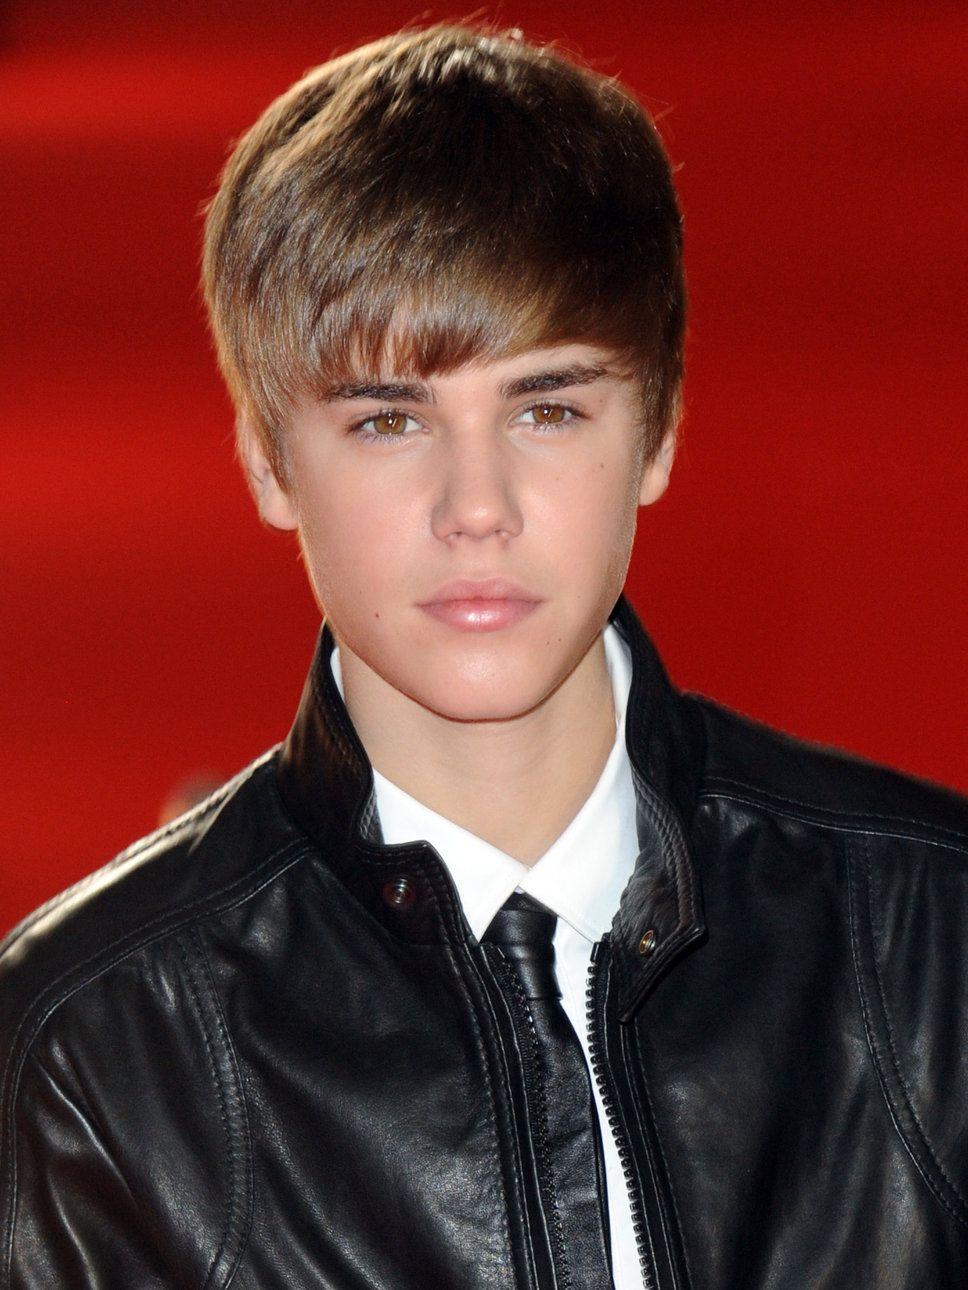 Brit Awards 2011 Justin Bieber Black Leather Jacket Justin Bieber Photos Justin Bieber Black Justin Bieber [ 1290 x 968 Pixel ]